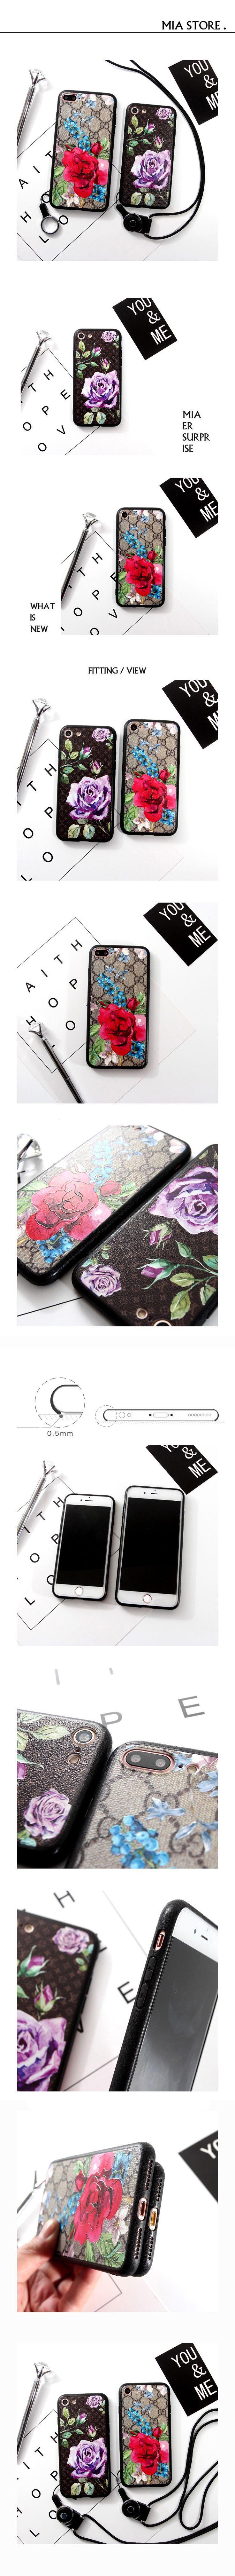 海外人気ブランドLV iphone7 モノグラム風ケース ヴィトン アイフォン7/6s PLUS カバー GUCCIグッチ IPHONE6Sケース シリコン製 ストラップ付き 後払い対応 送料無料